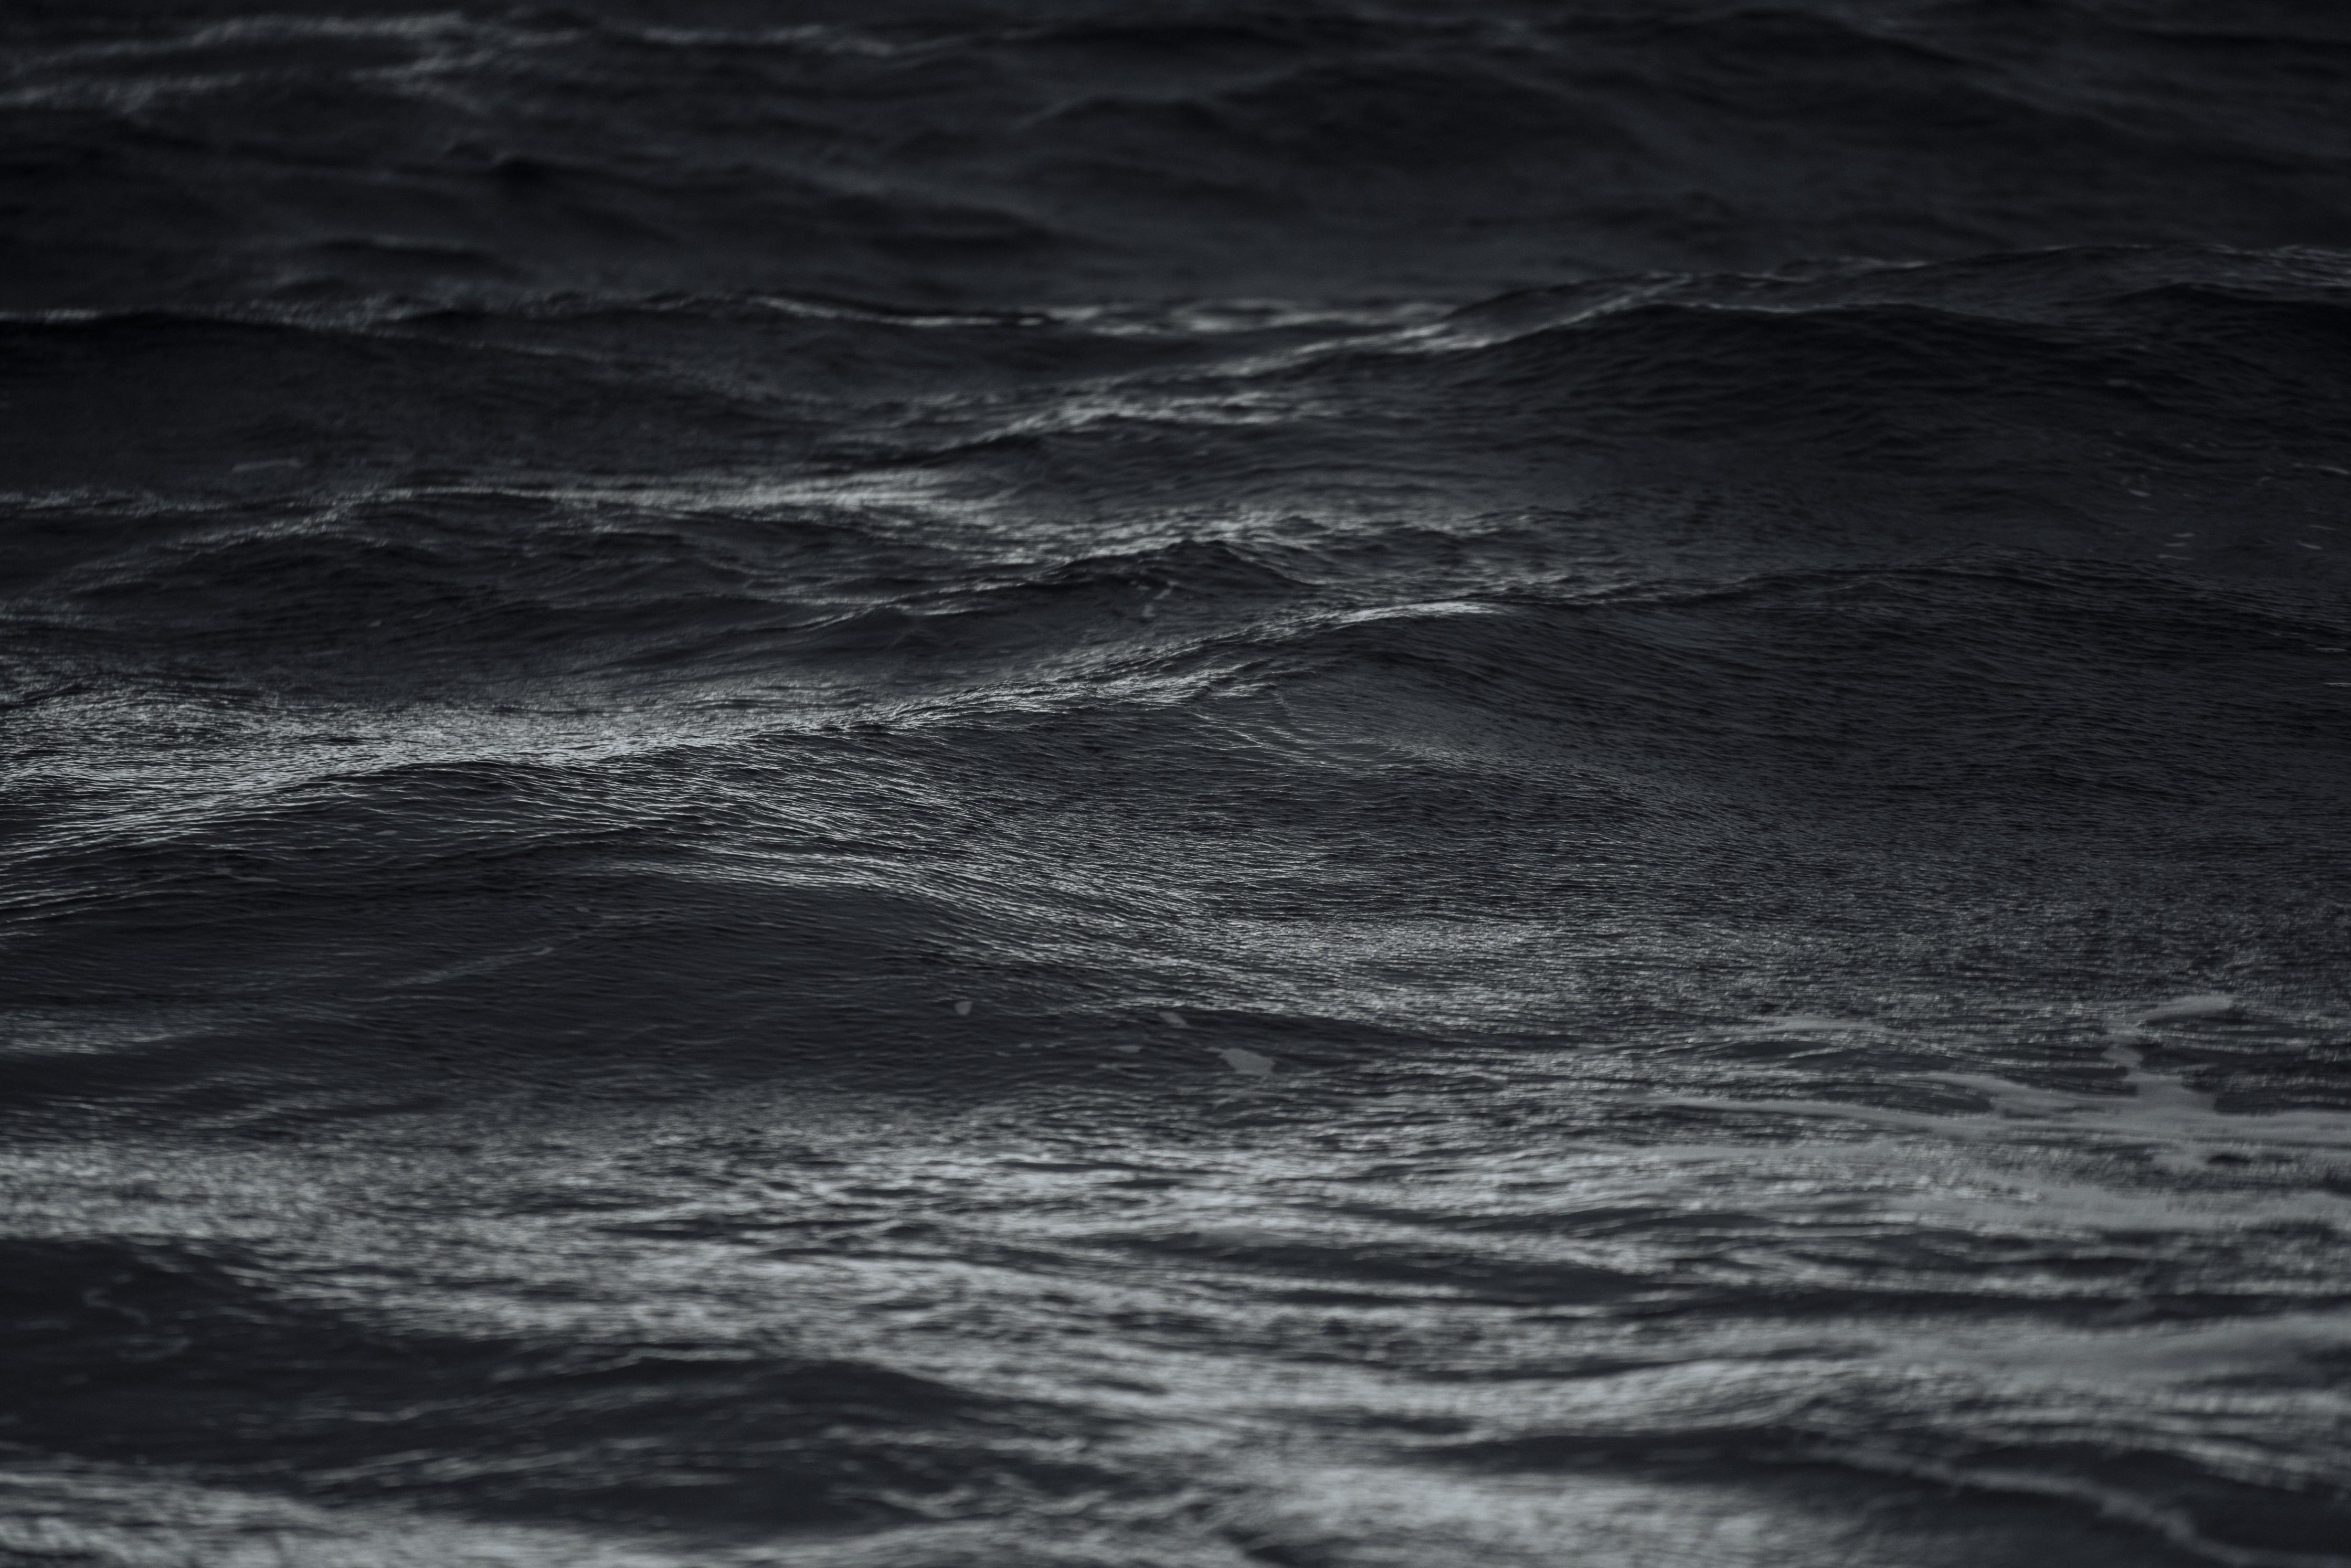 черный океан фото живая